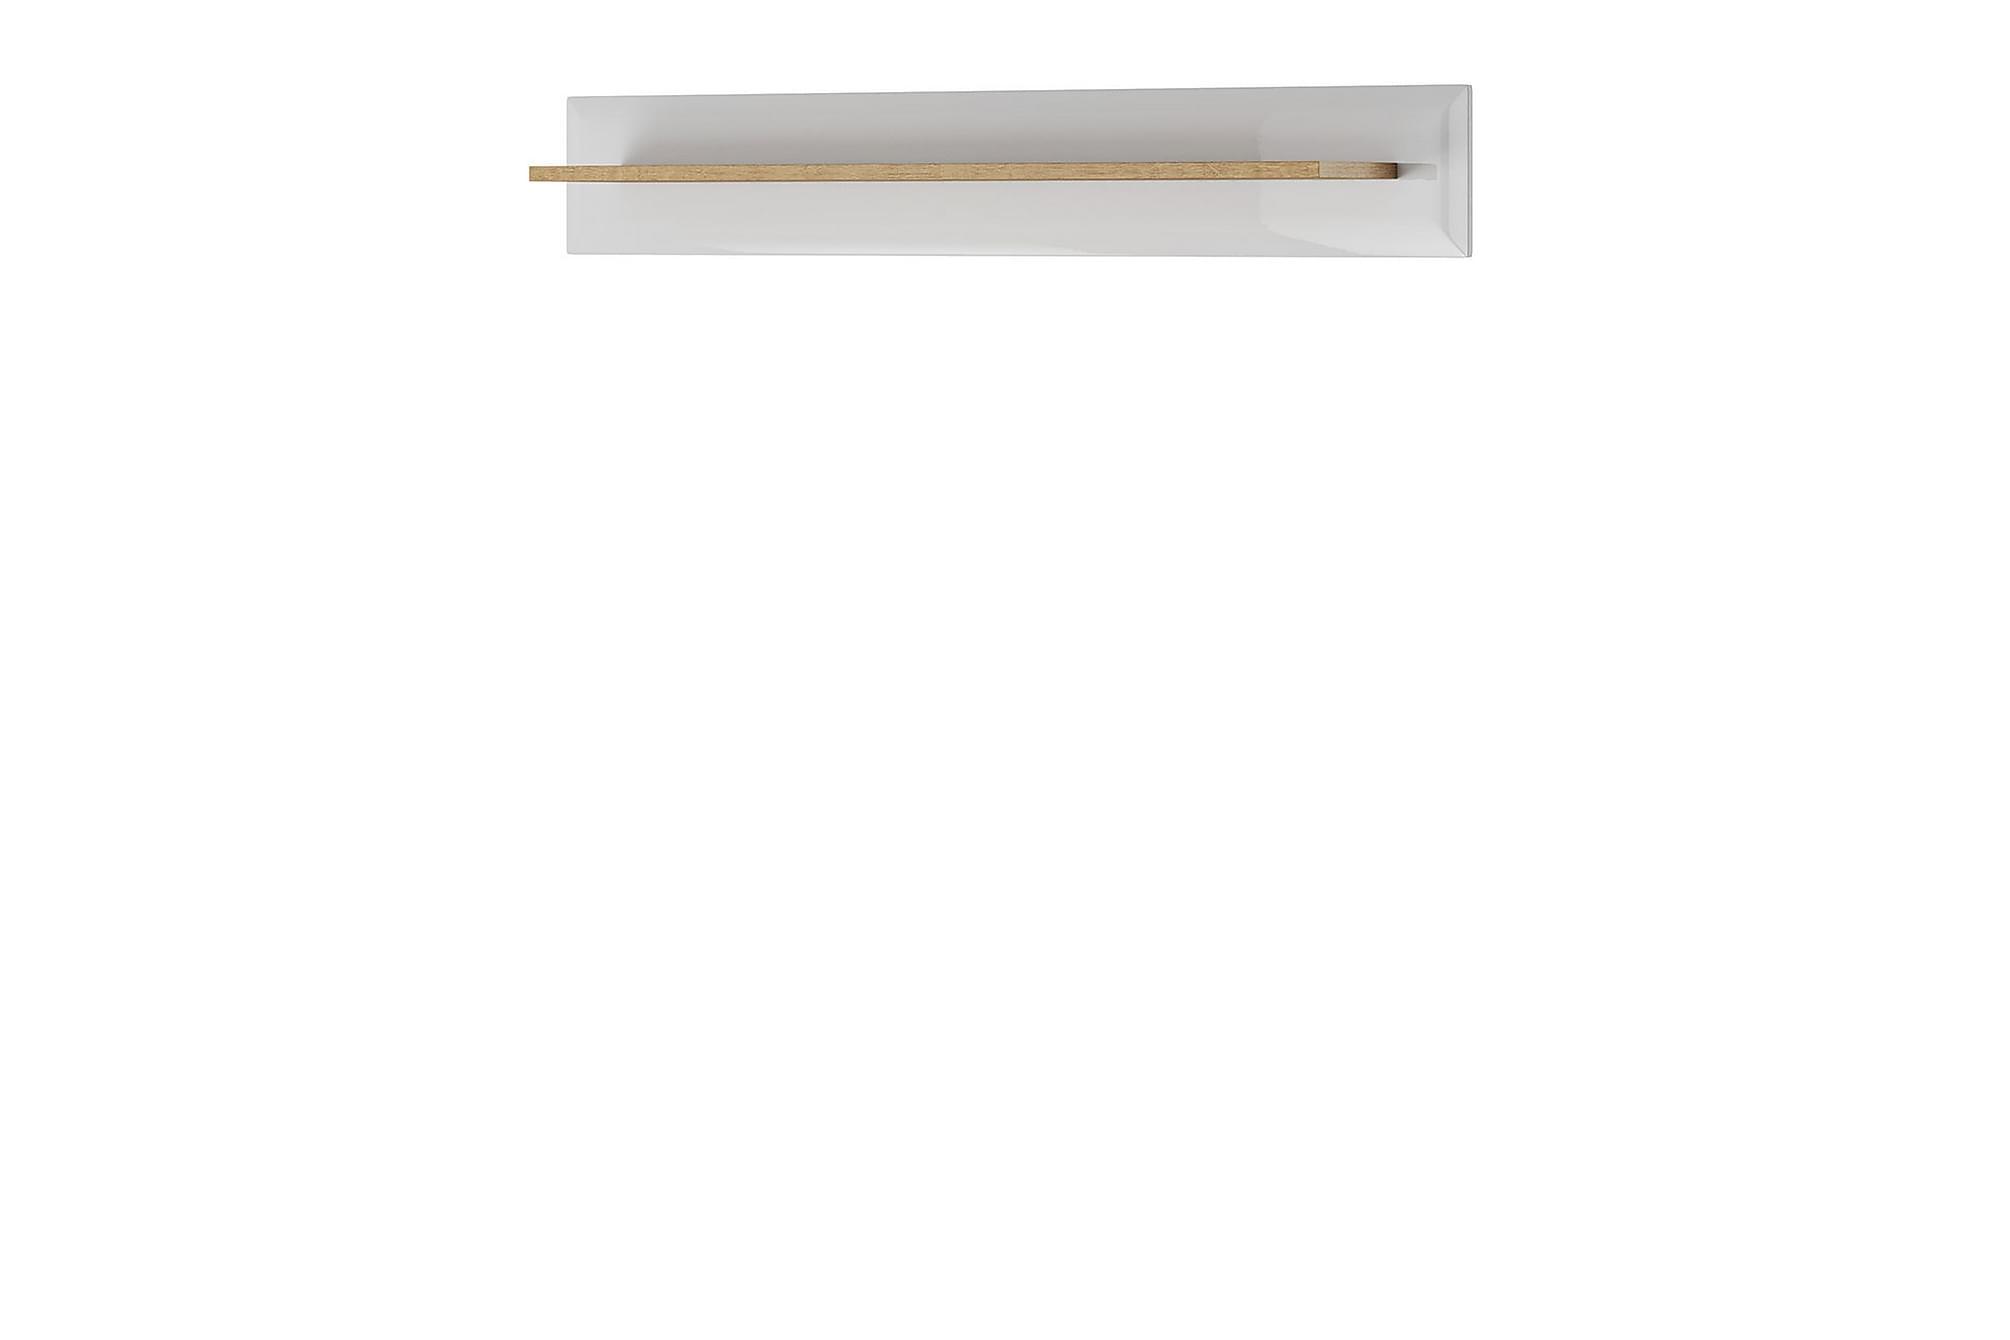 NORDI Vägghylla 107x19x17 cm